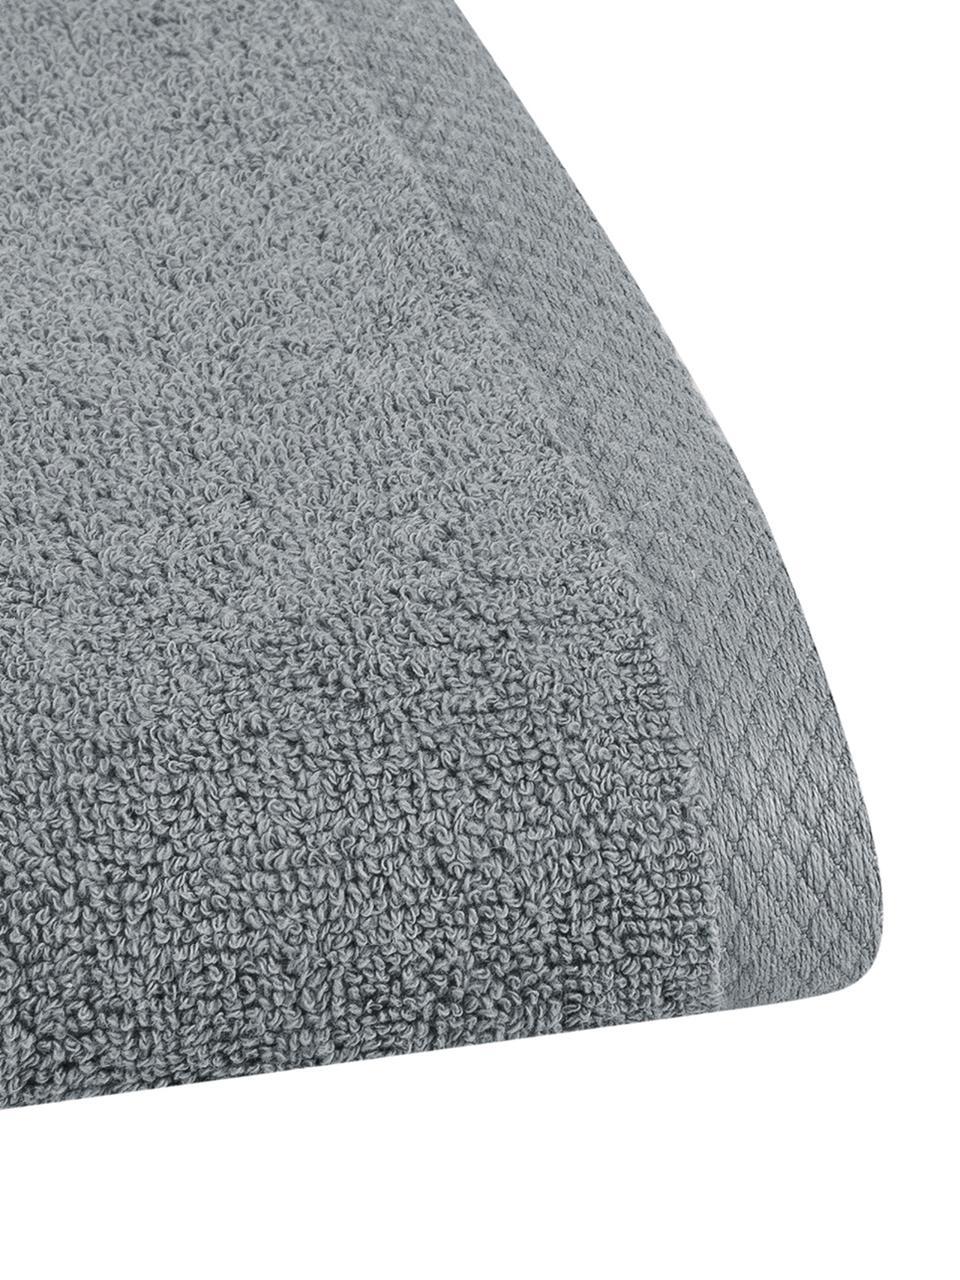 Einfarbiges Handtuch Comfort, verschiedene Größen, Dunkelgrau, Gästehandtuch